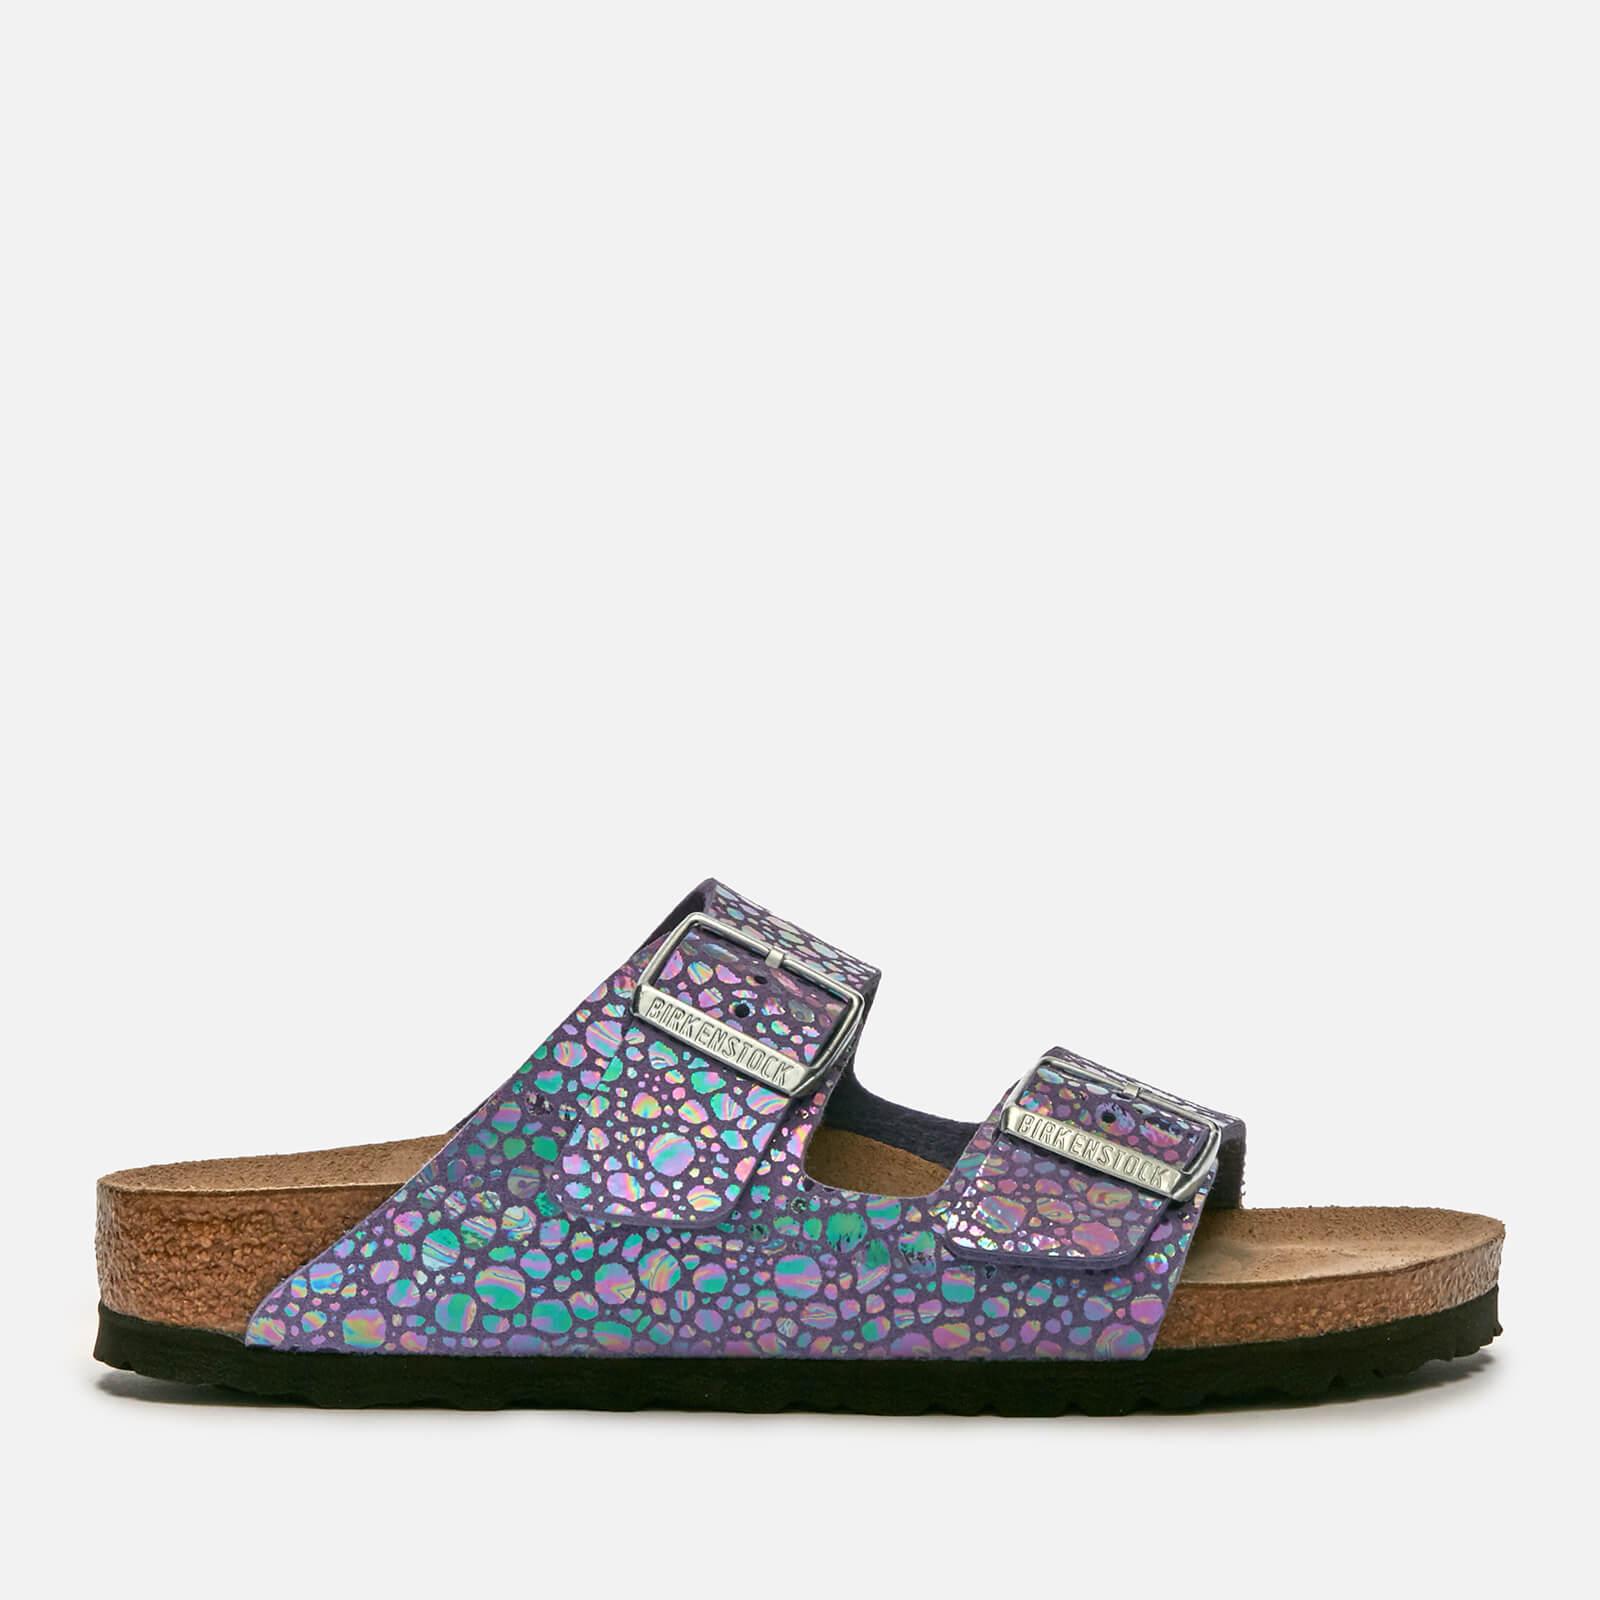 Birkenstock Women's Arizona Slim Fit Suede Double Strap Sandals - Metallic Stones Violet - UK 5.5 - Purple